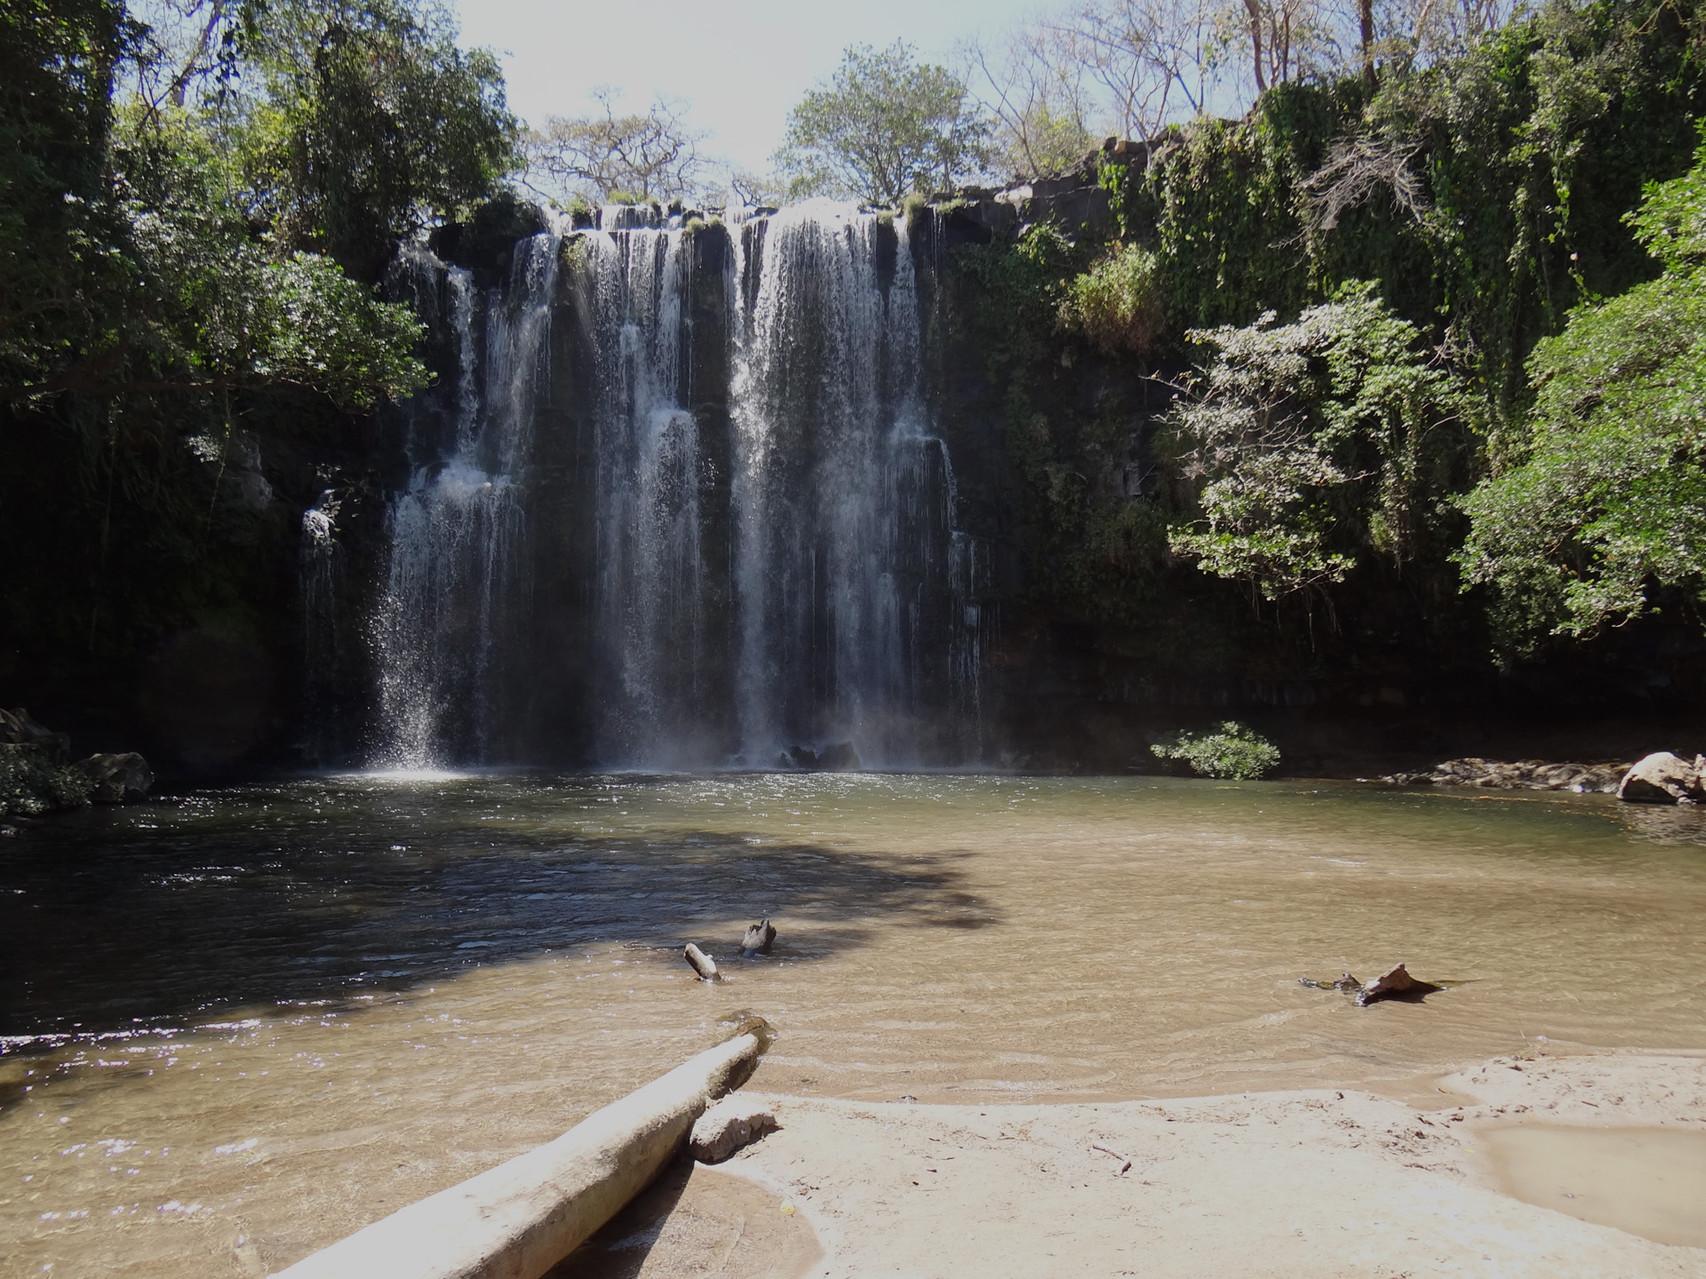 Unterwegs zum Palo Verde Nationalpark, ein schöner kühler Wasserfall